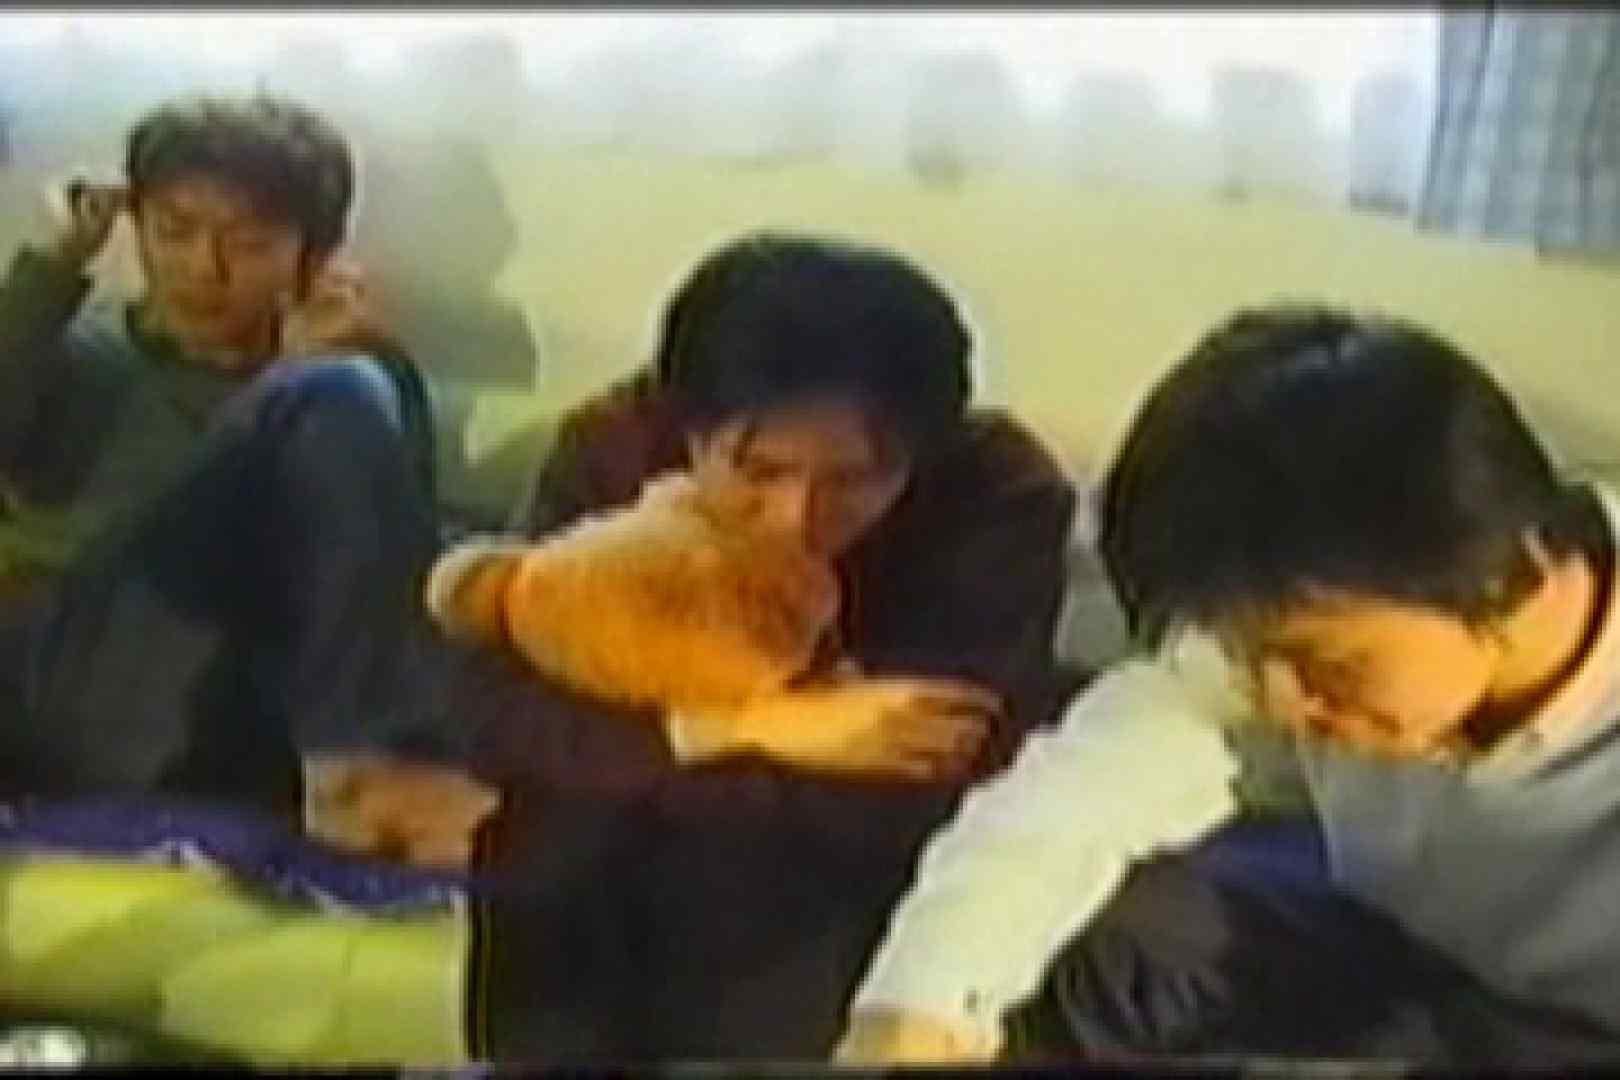 【流出】若者たちの集い 連ケツ祭り 男同士画像 48pic 44